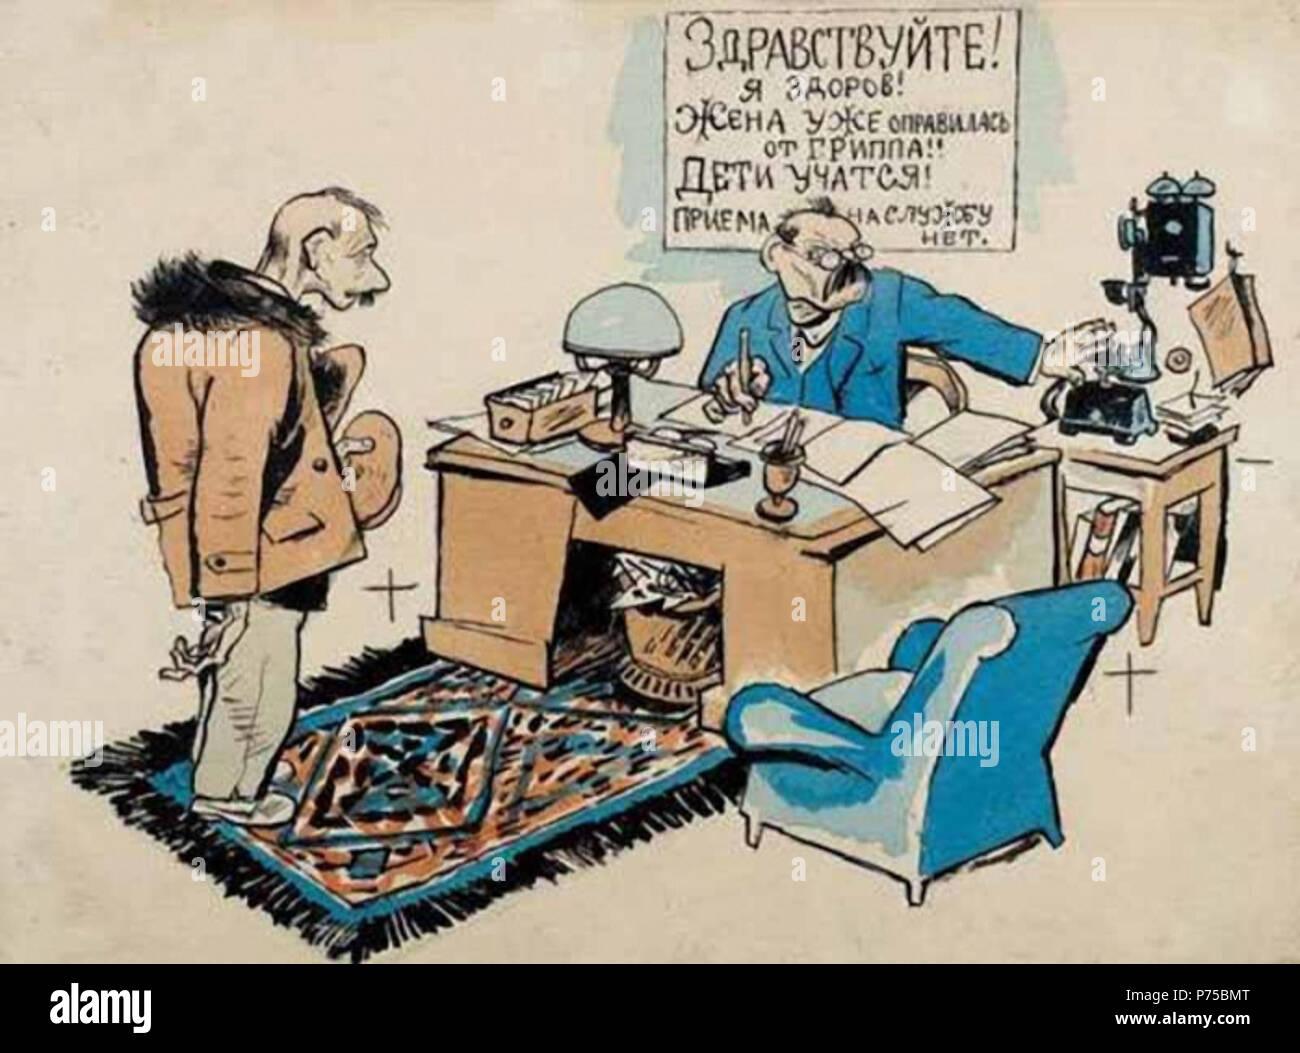 Inglese il cartone animato per la rivista satirica smekhach